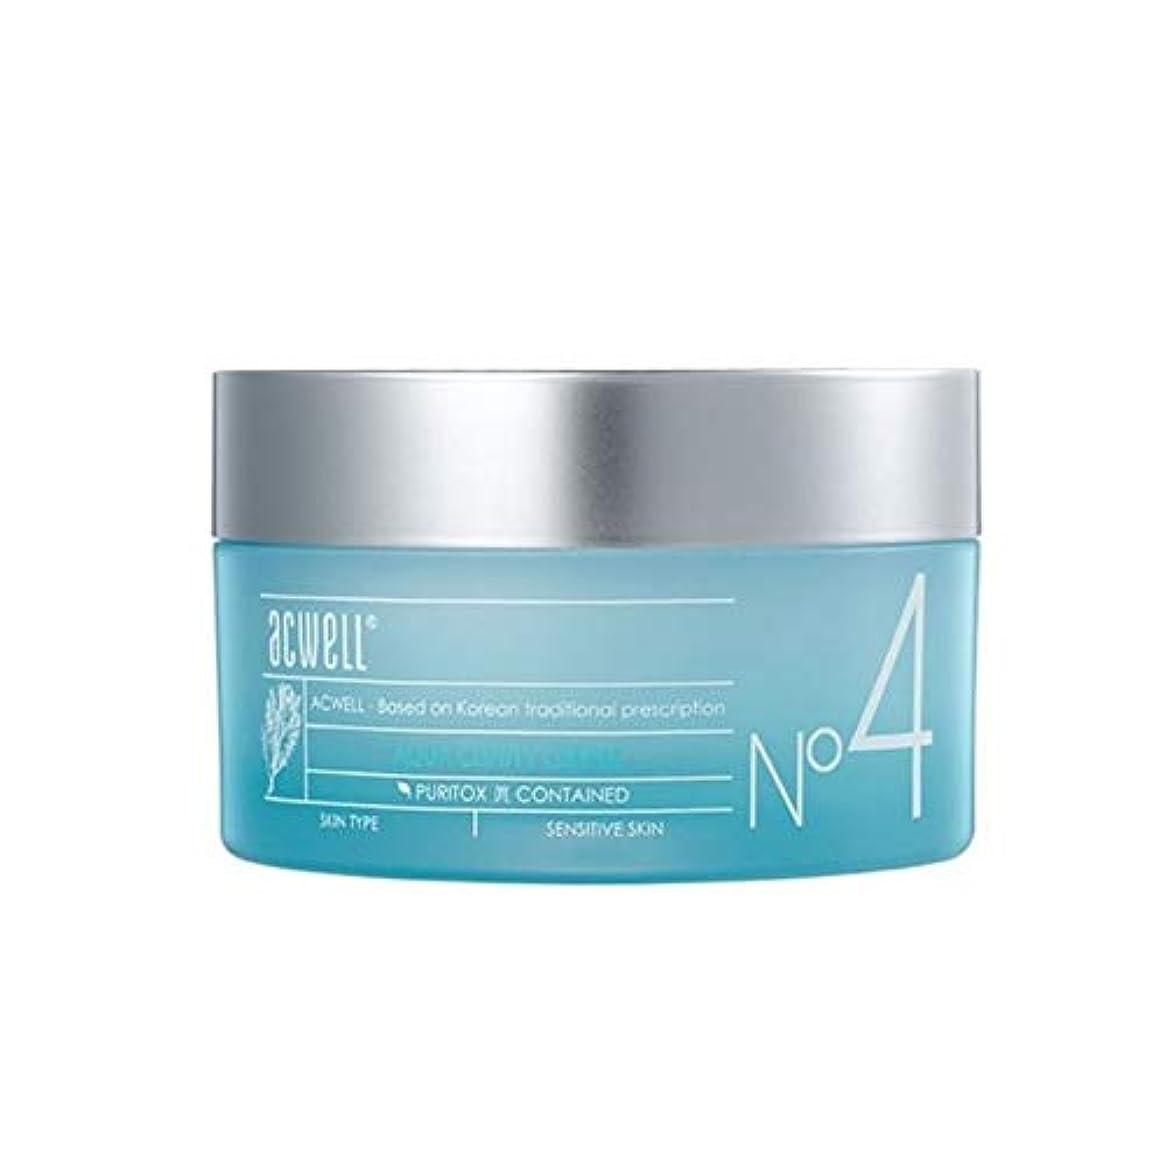 ささいな符号探すアークウェルアクアクリニティクリーム50ml韓国コスメ、Acwell Aqua Clinity Cream 50ml Korean Cosmetics [並行輸入品]